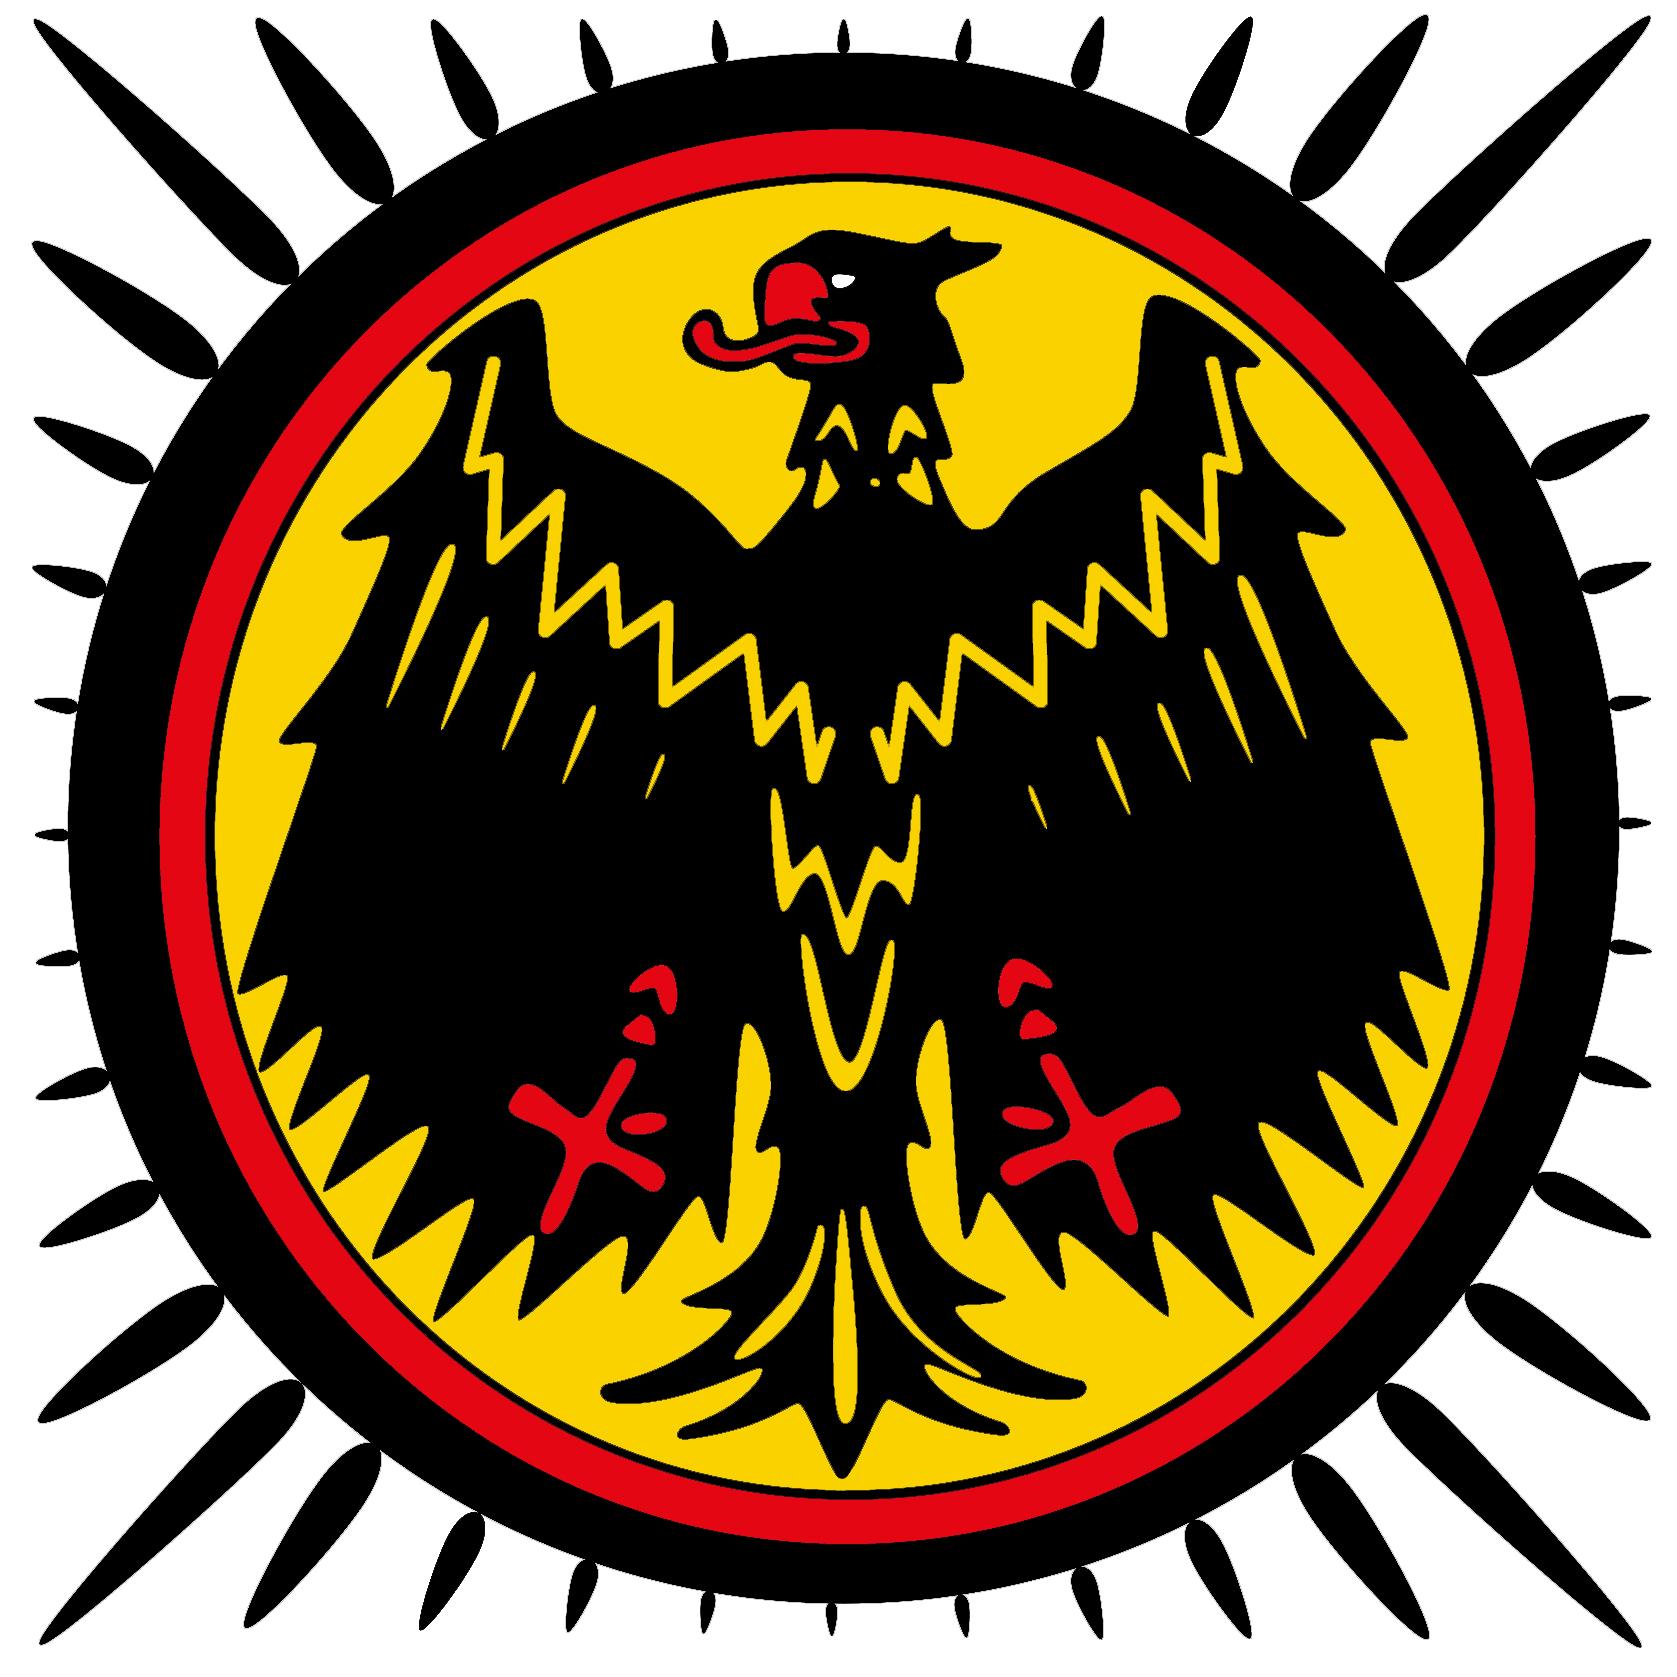 reichsbanner schwarzrotgold � wikipedia